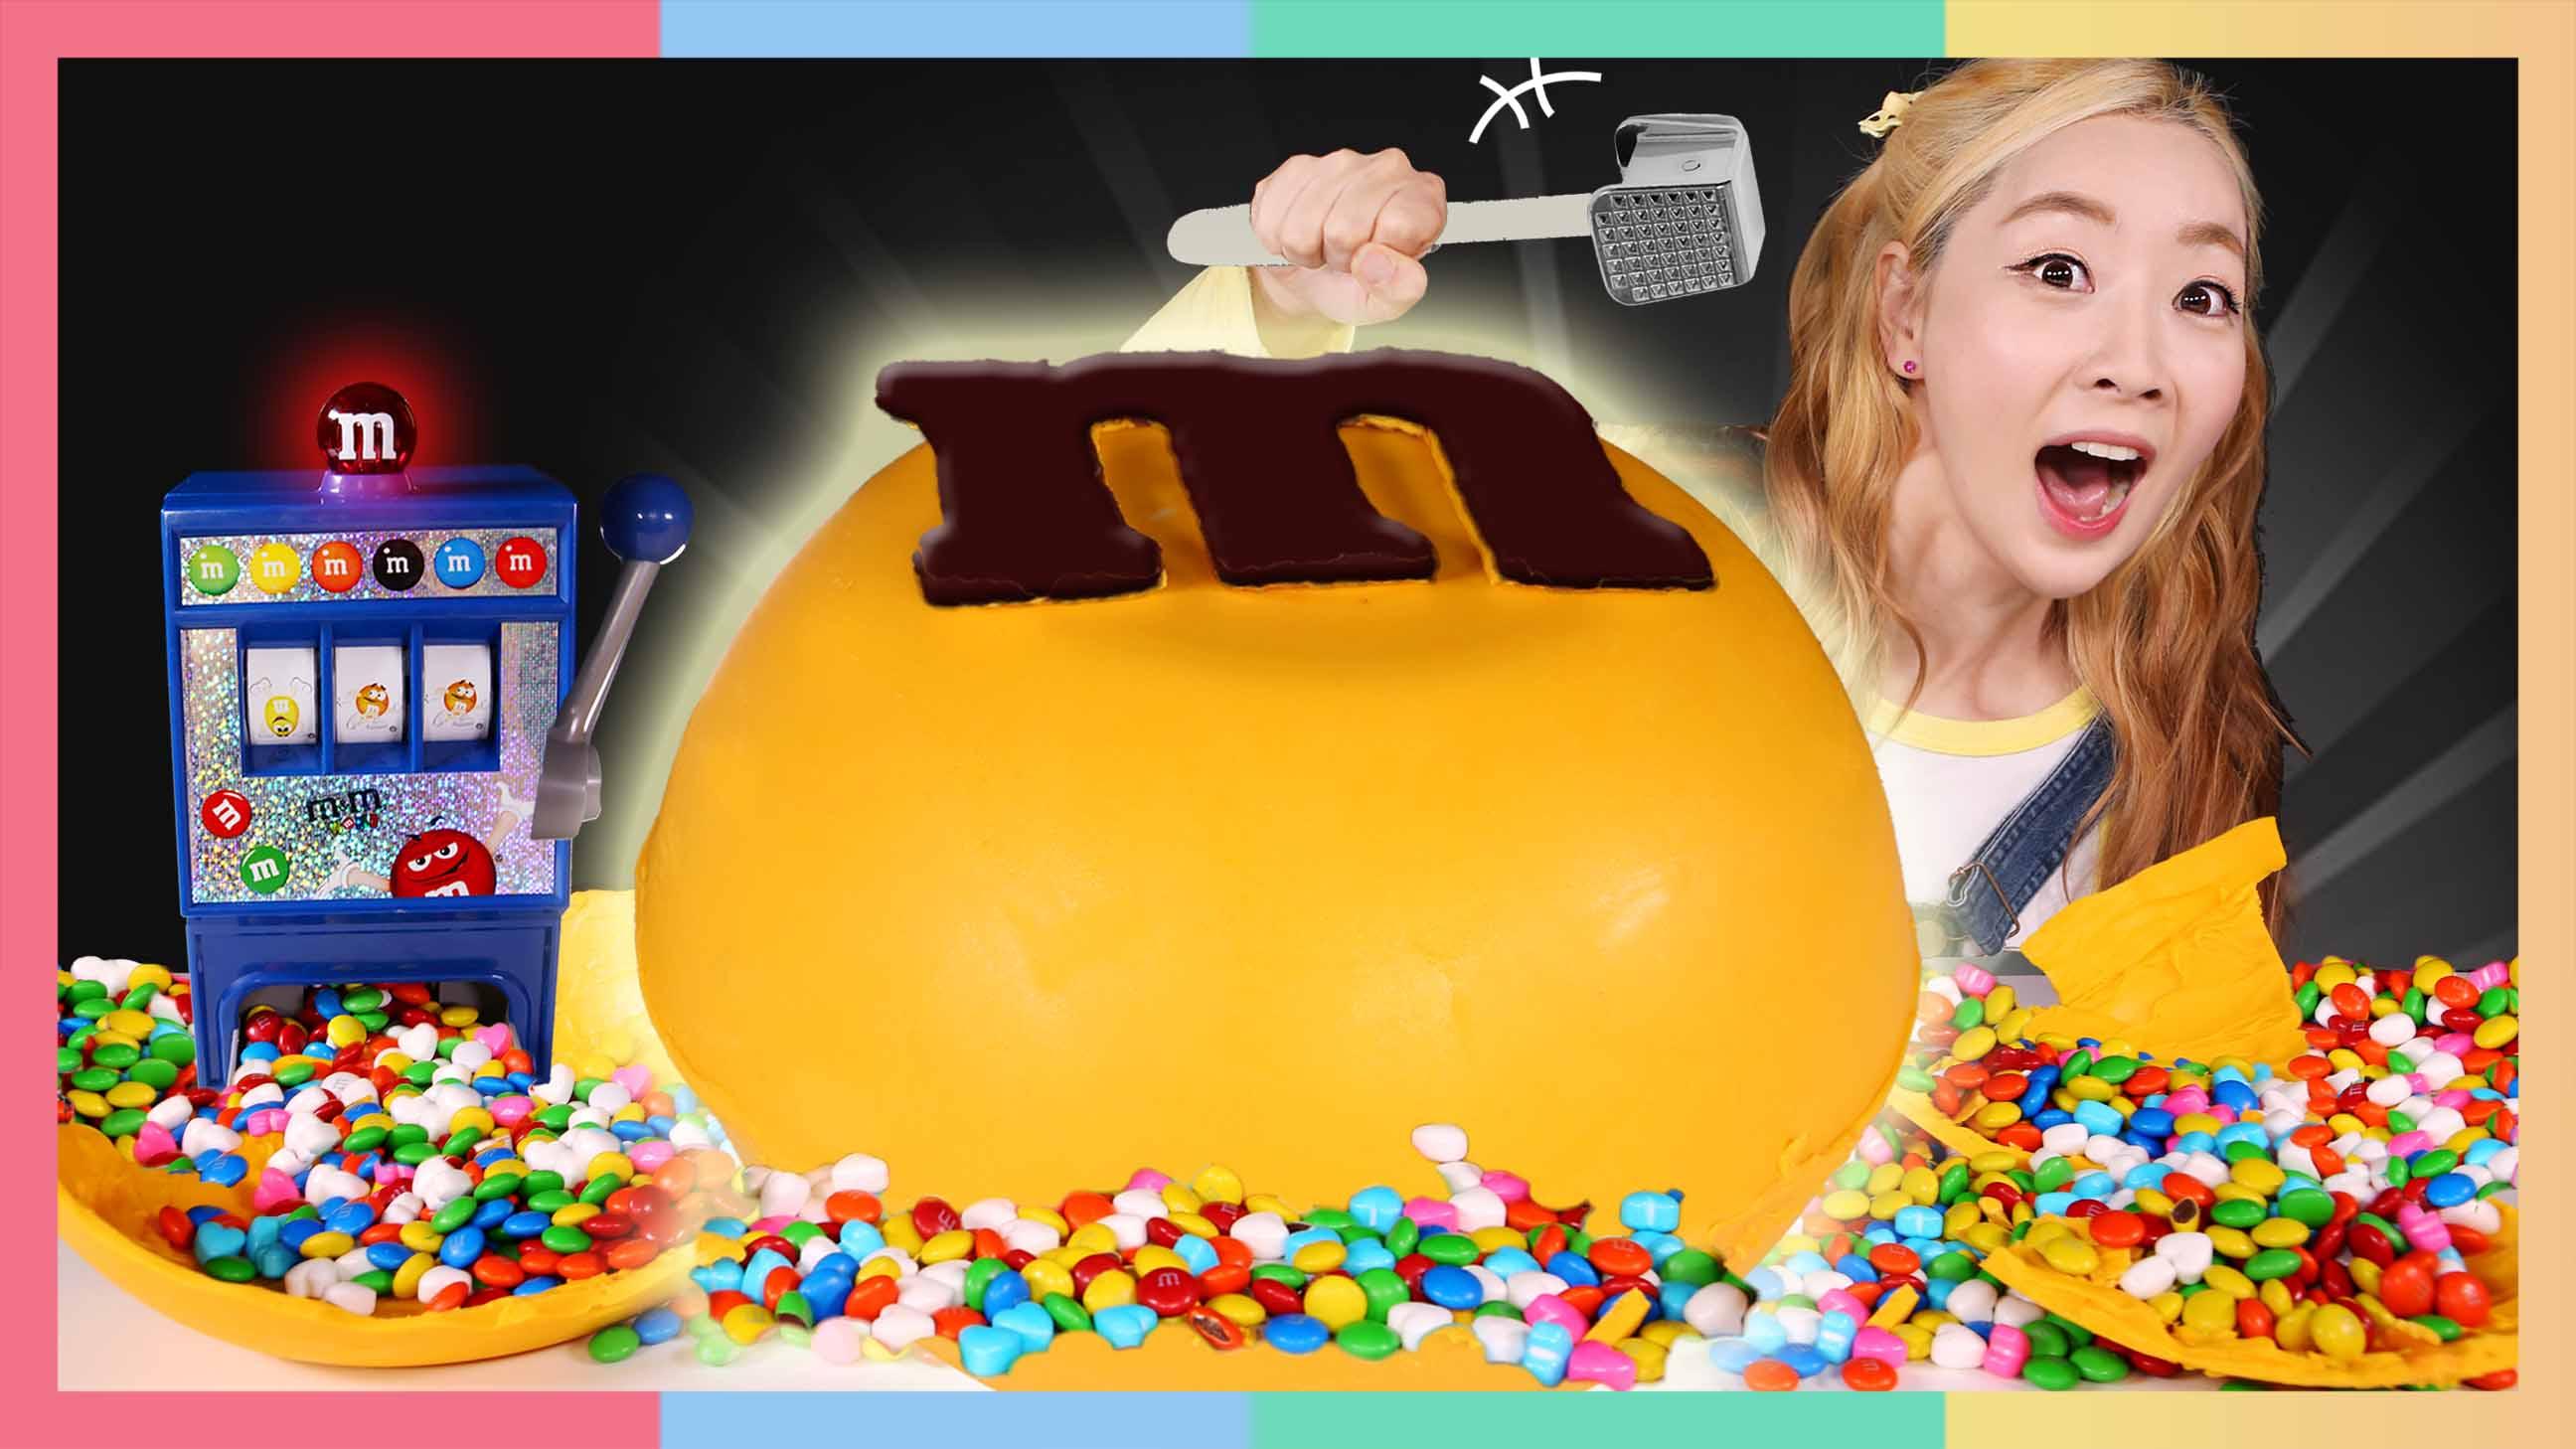 超大巧克力炸弹!巧克力爱好者的王国 | 凯利和玩具朋友们 CarrieAndToys